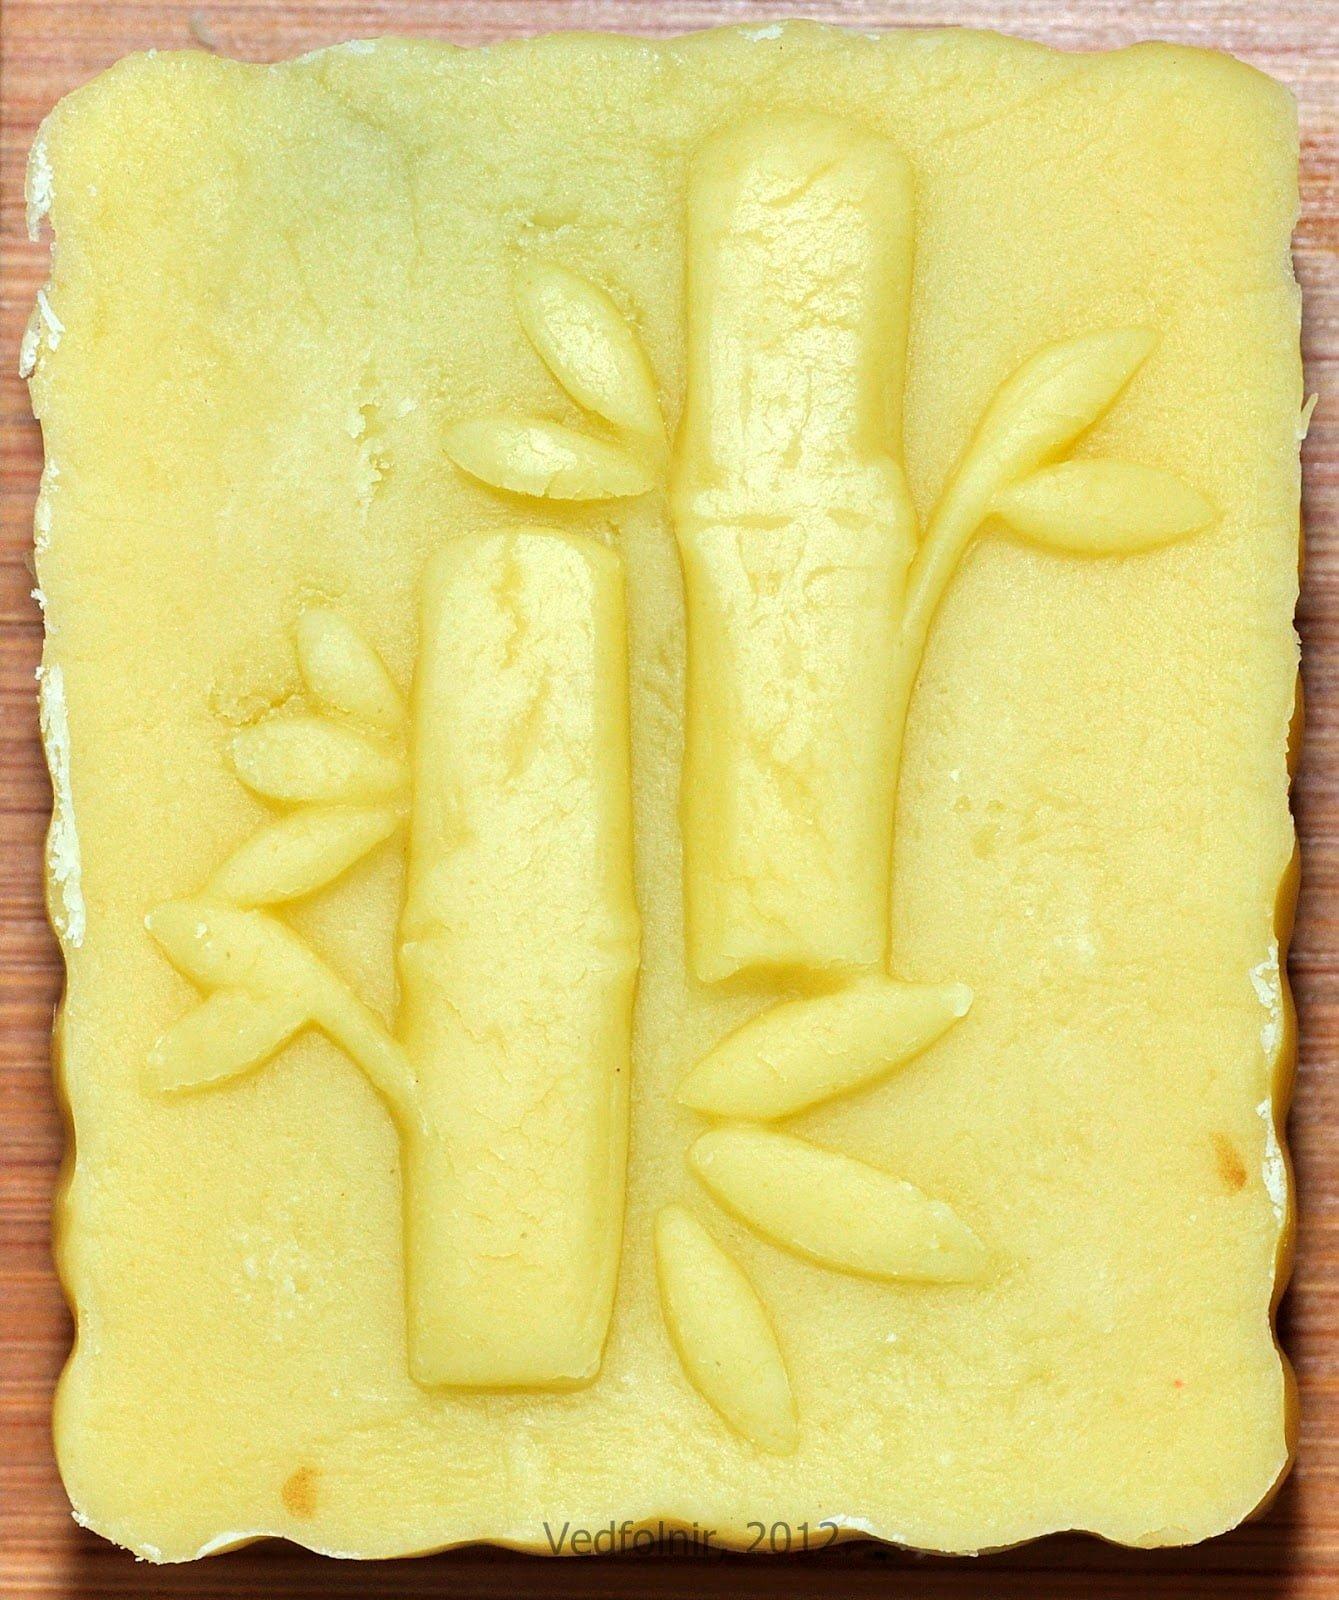 foodimg-roooroo-cake-biscuit-cookie-snack-什倆漉餅行-vedfolnir-4-piece-3